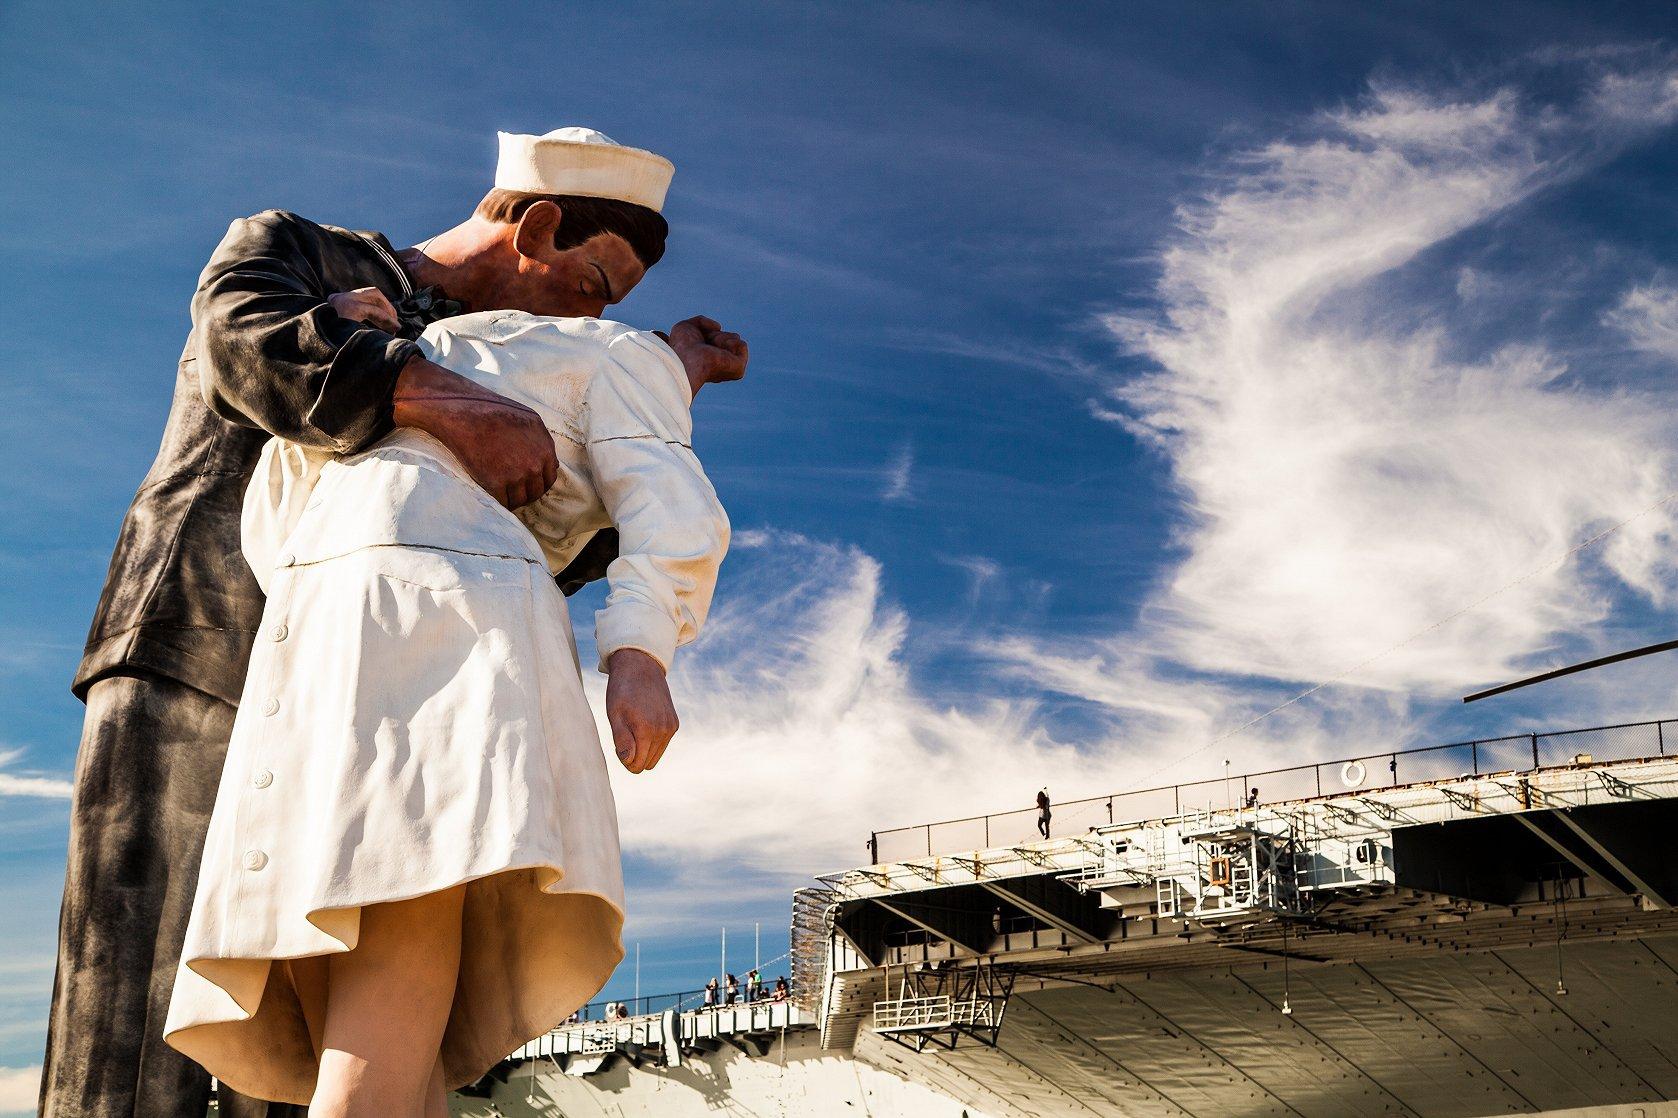 聖地亞哥中途島號航空母艦博物館門票(無需排隊)